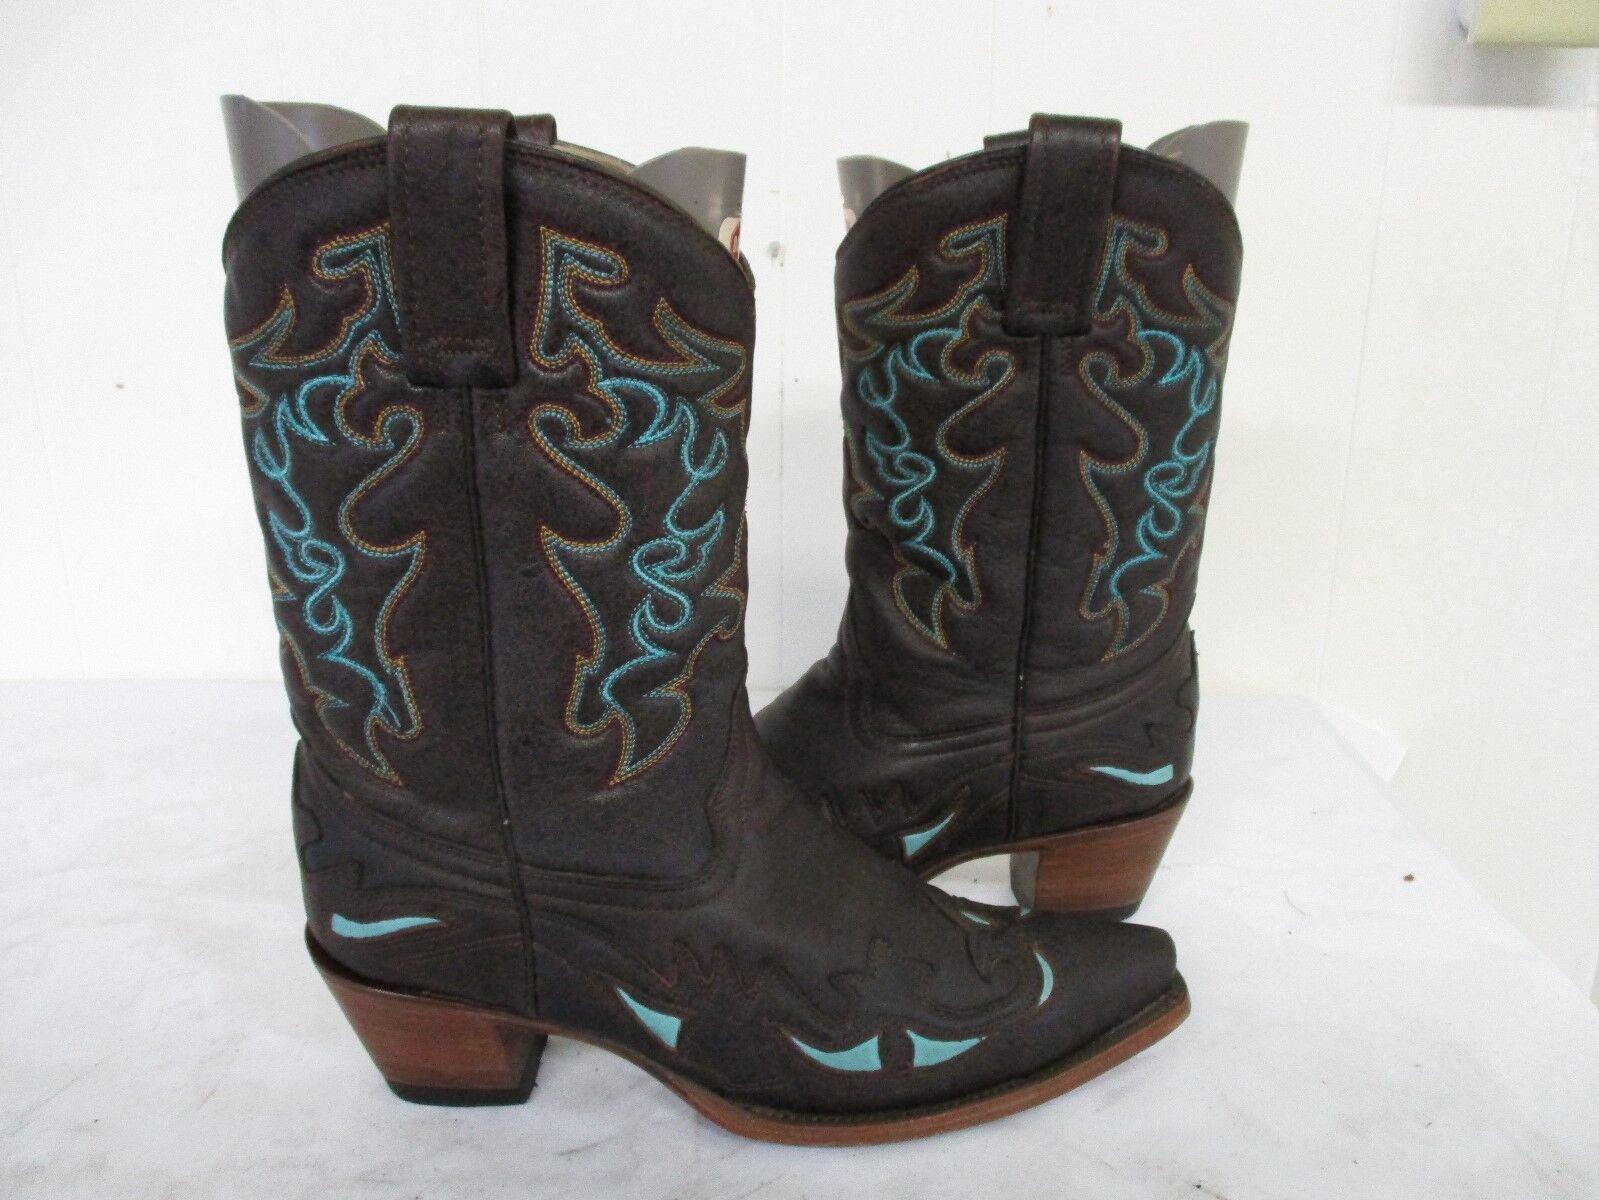 Corral Marrón Cuero SNIP Toe Incrustaciones botas de vaquero para mujer Talla 8.5 M Estilo R2501